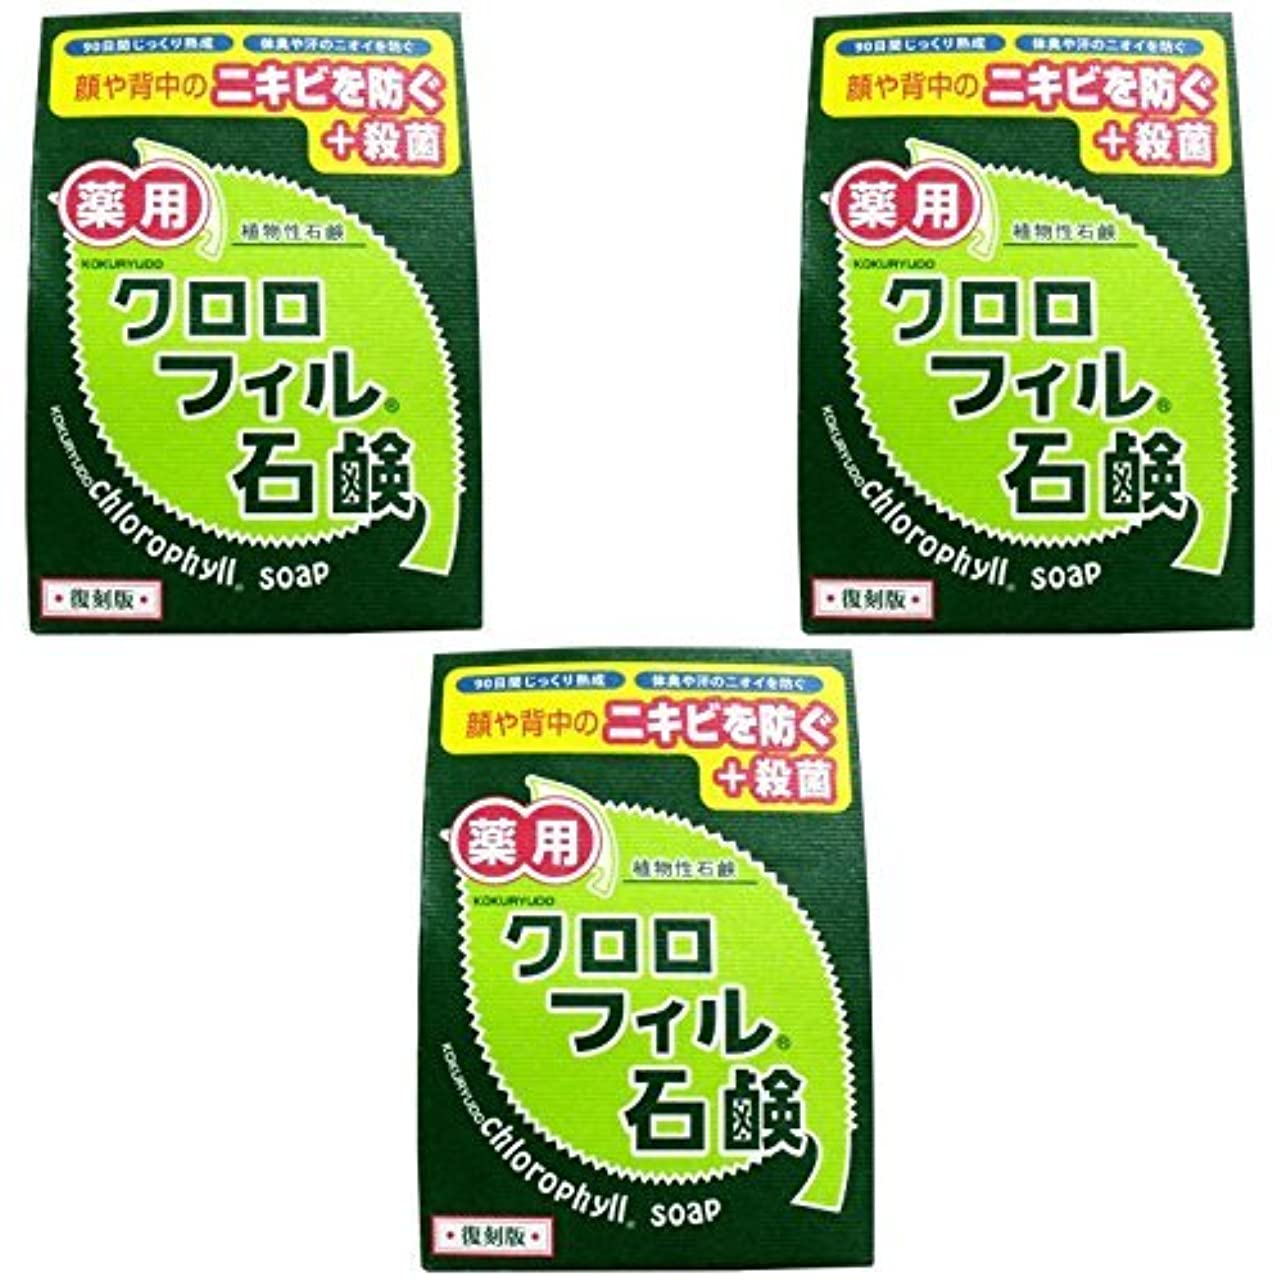 ヘビ努力絶え間ない【まとめ買い】クロロフィル石鹸 復刻版 85g (医薬部外品)【×3個】